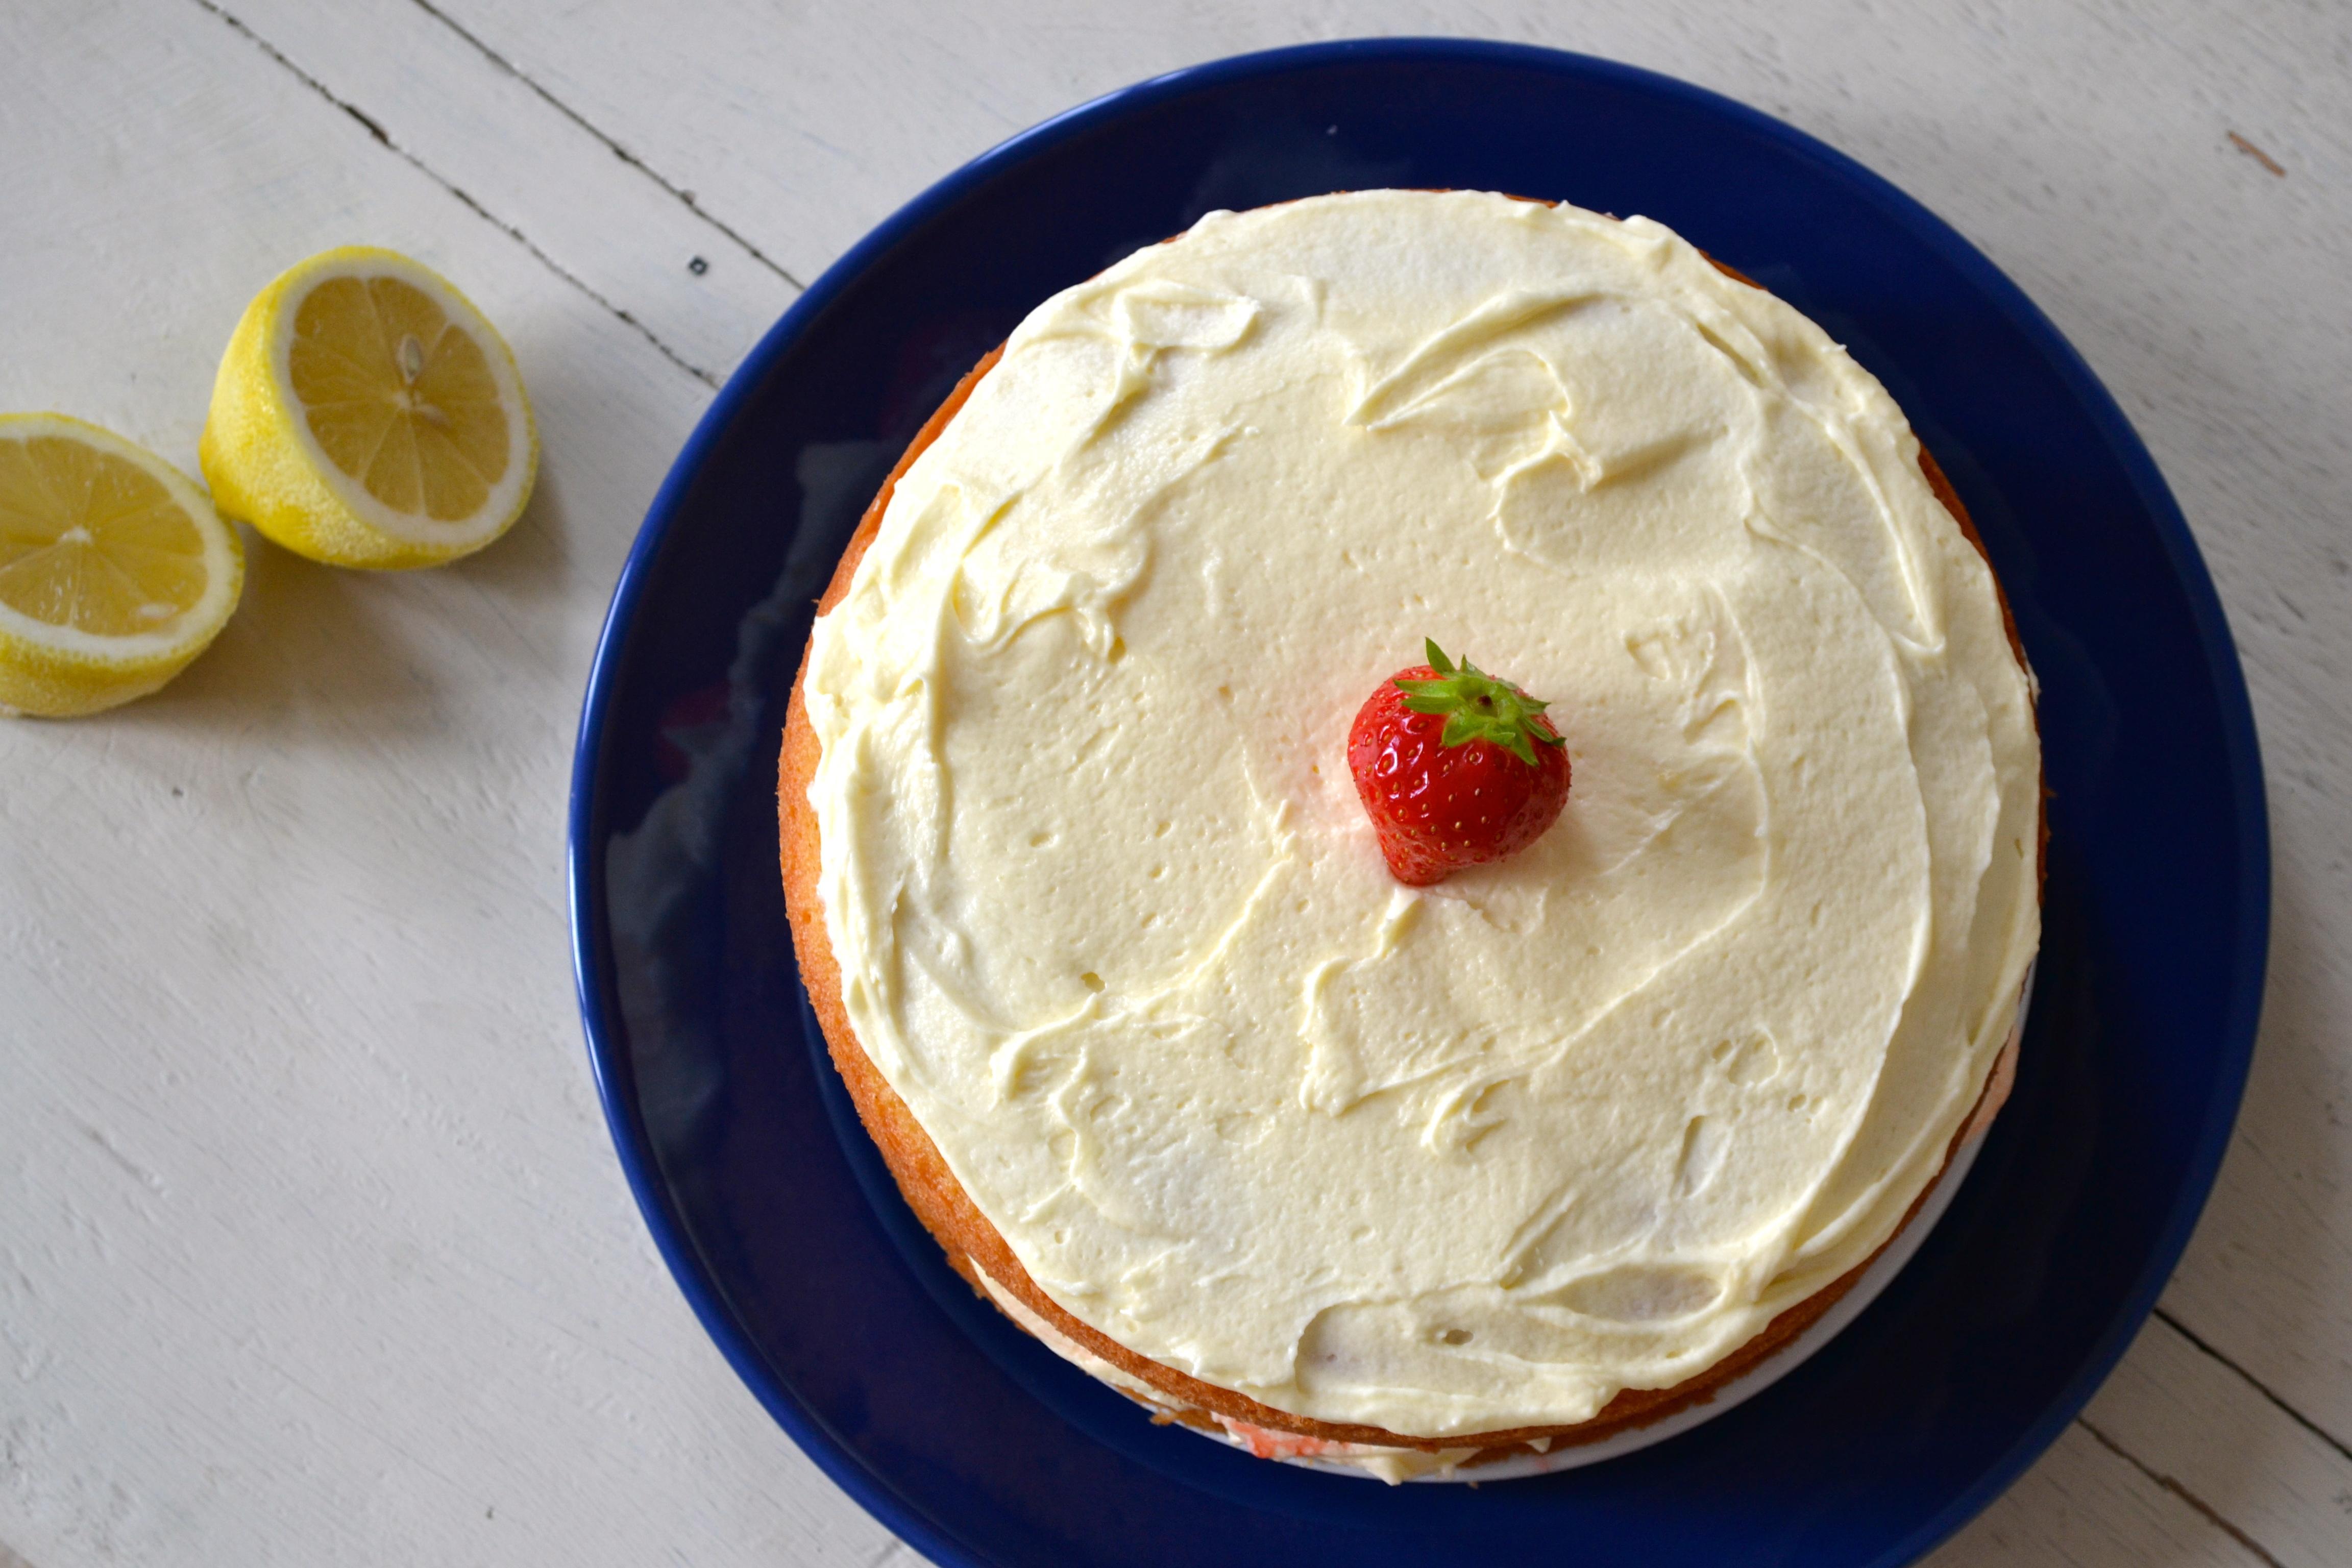 Lemon & Strawberry Victoria Sandwich | The Perky Pancake